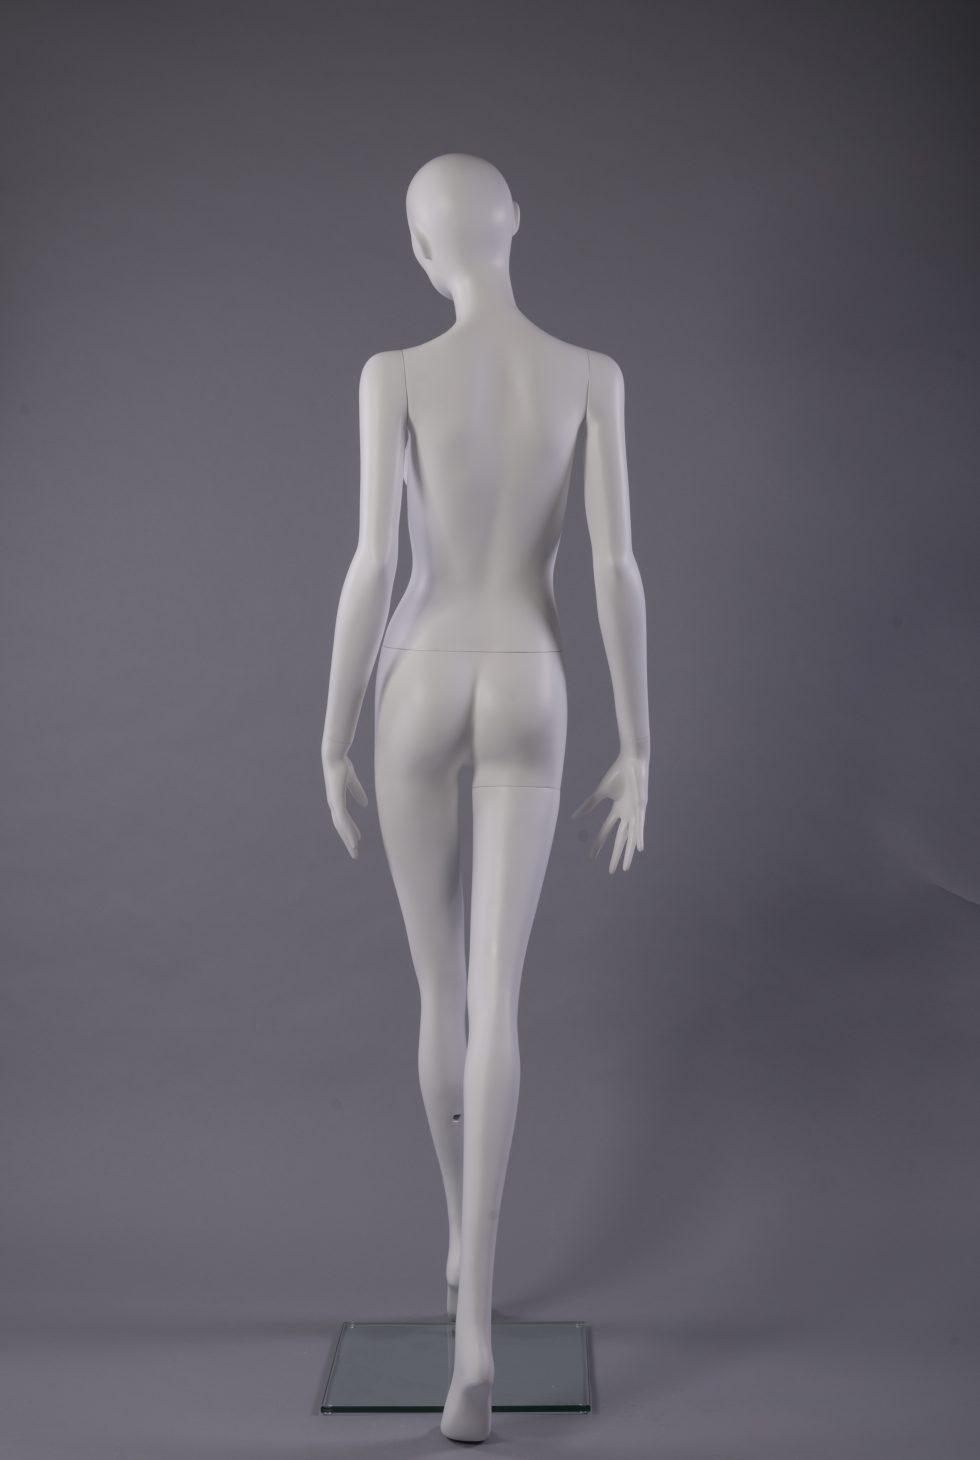 manichino donna stilizzato con ciglia retro